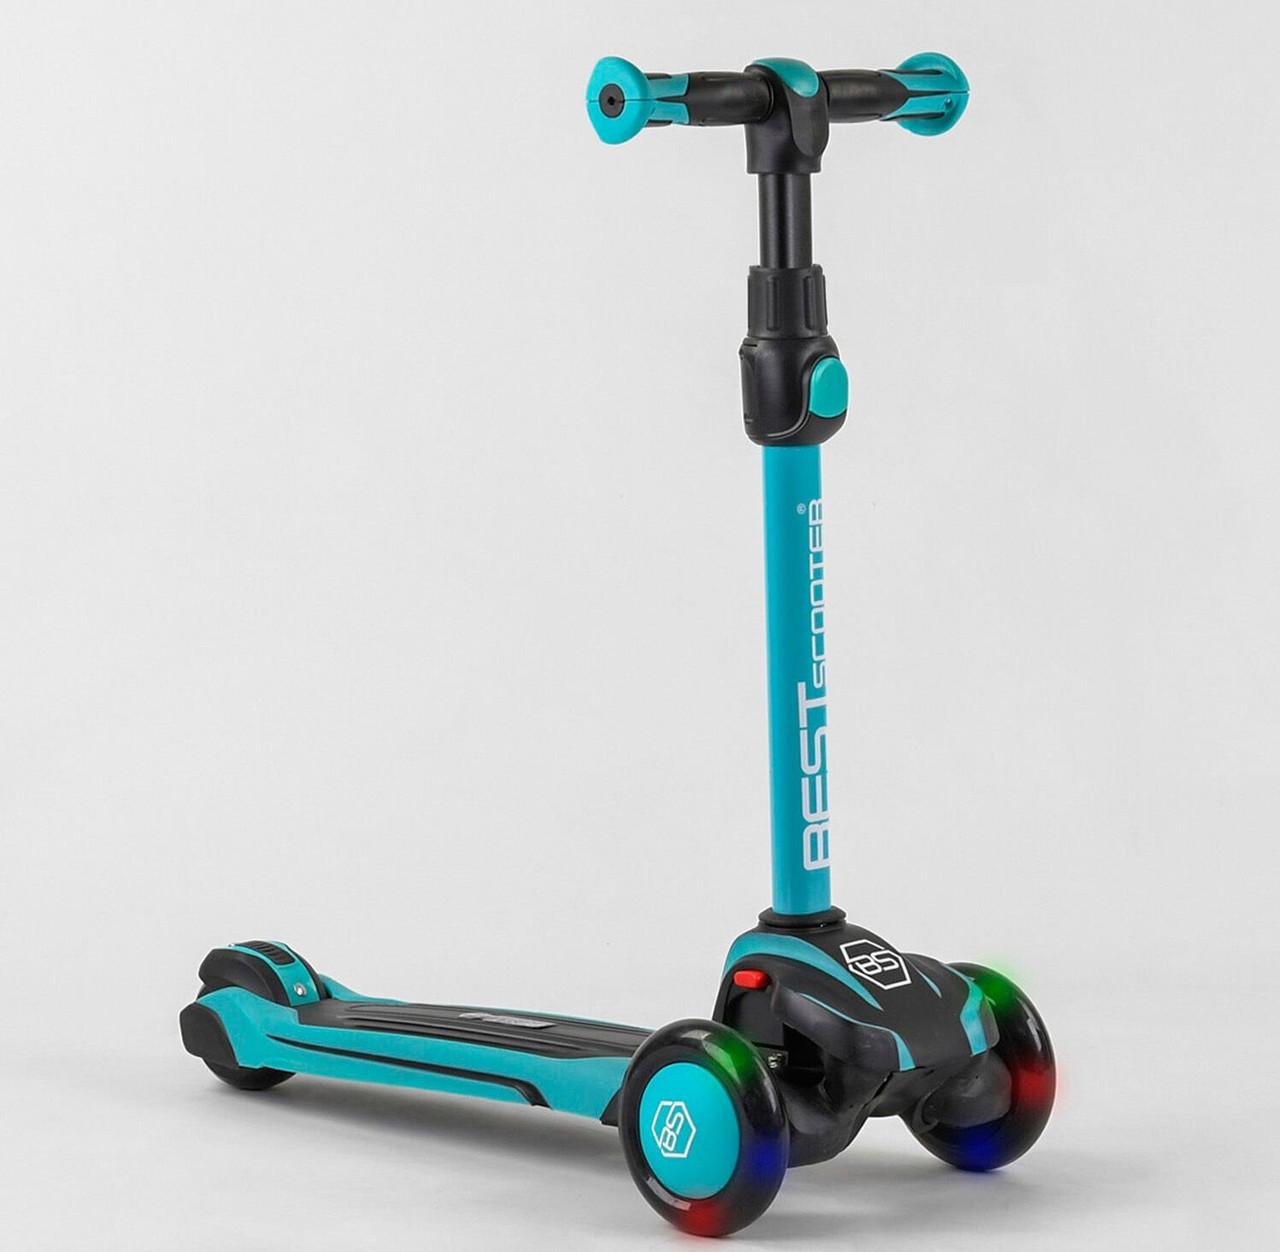 Самокат с полиуретановыми колесами, которые светятся для мальчиков Best Scooter MX-60806 MAXI, голубой